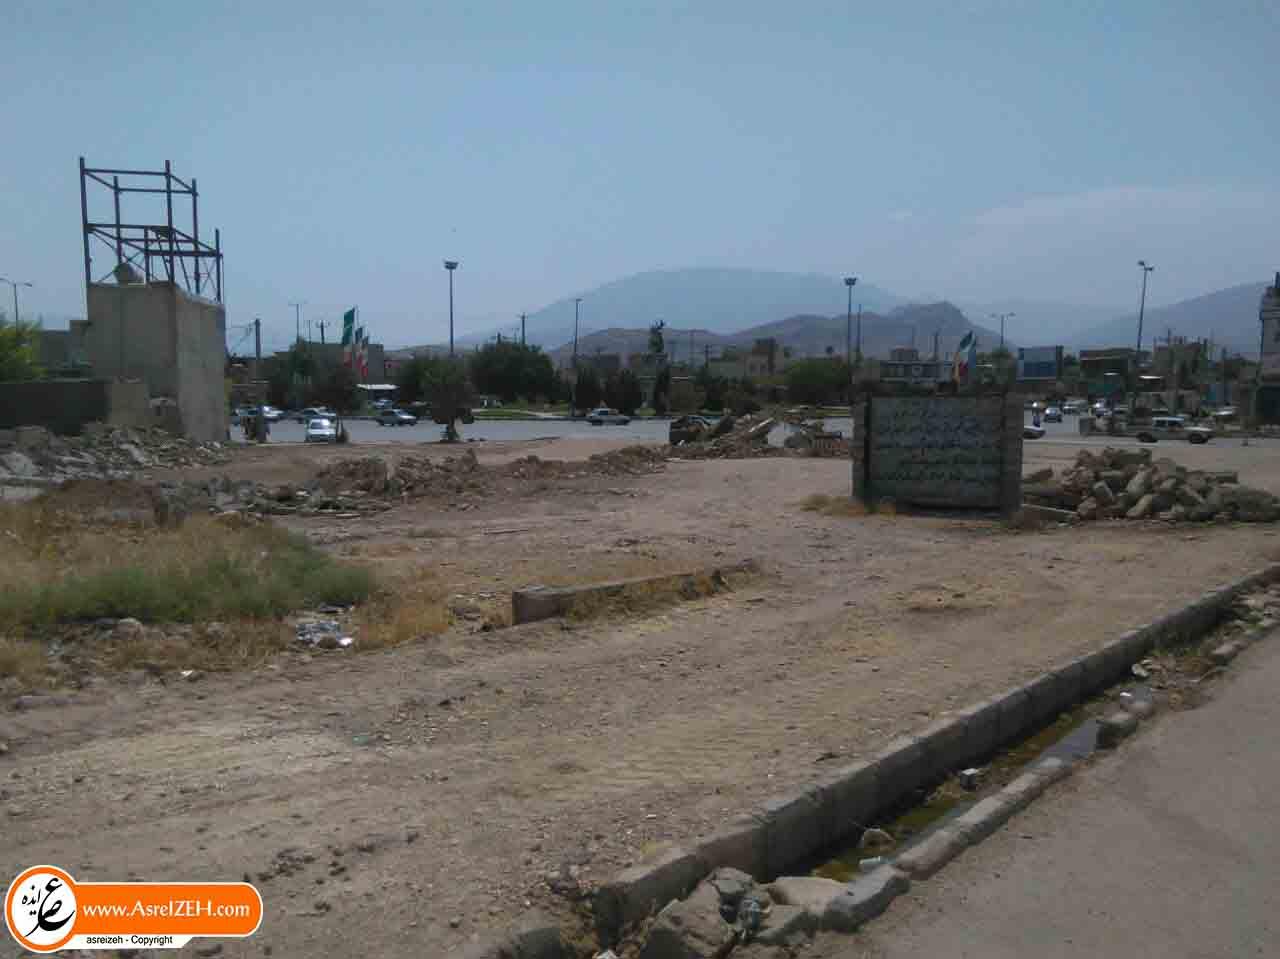 خیابانهای ایذه در محاصره زمینهای خالی و بناهای مخروبه+ تصاویر